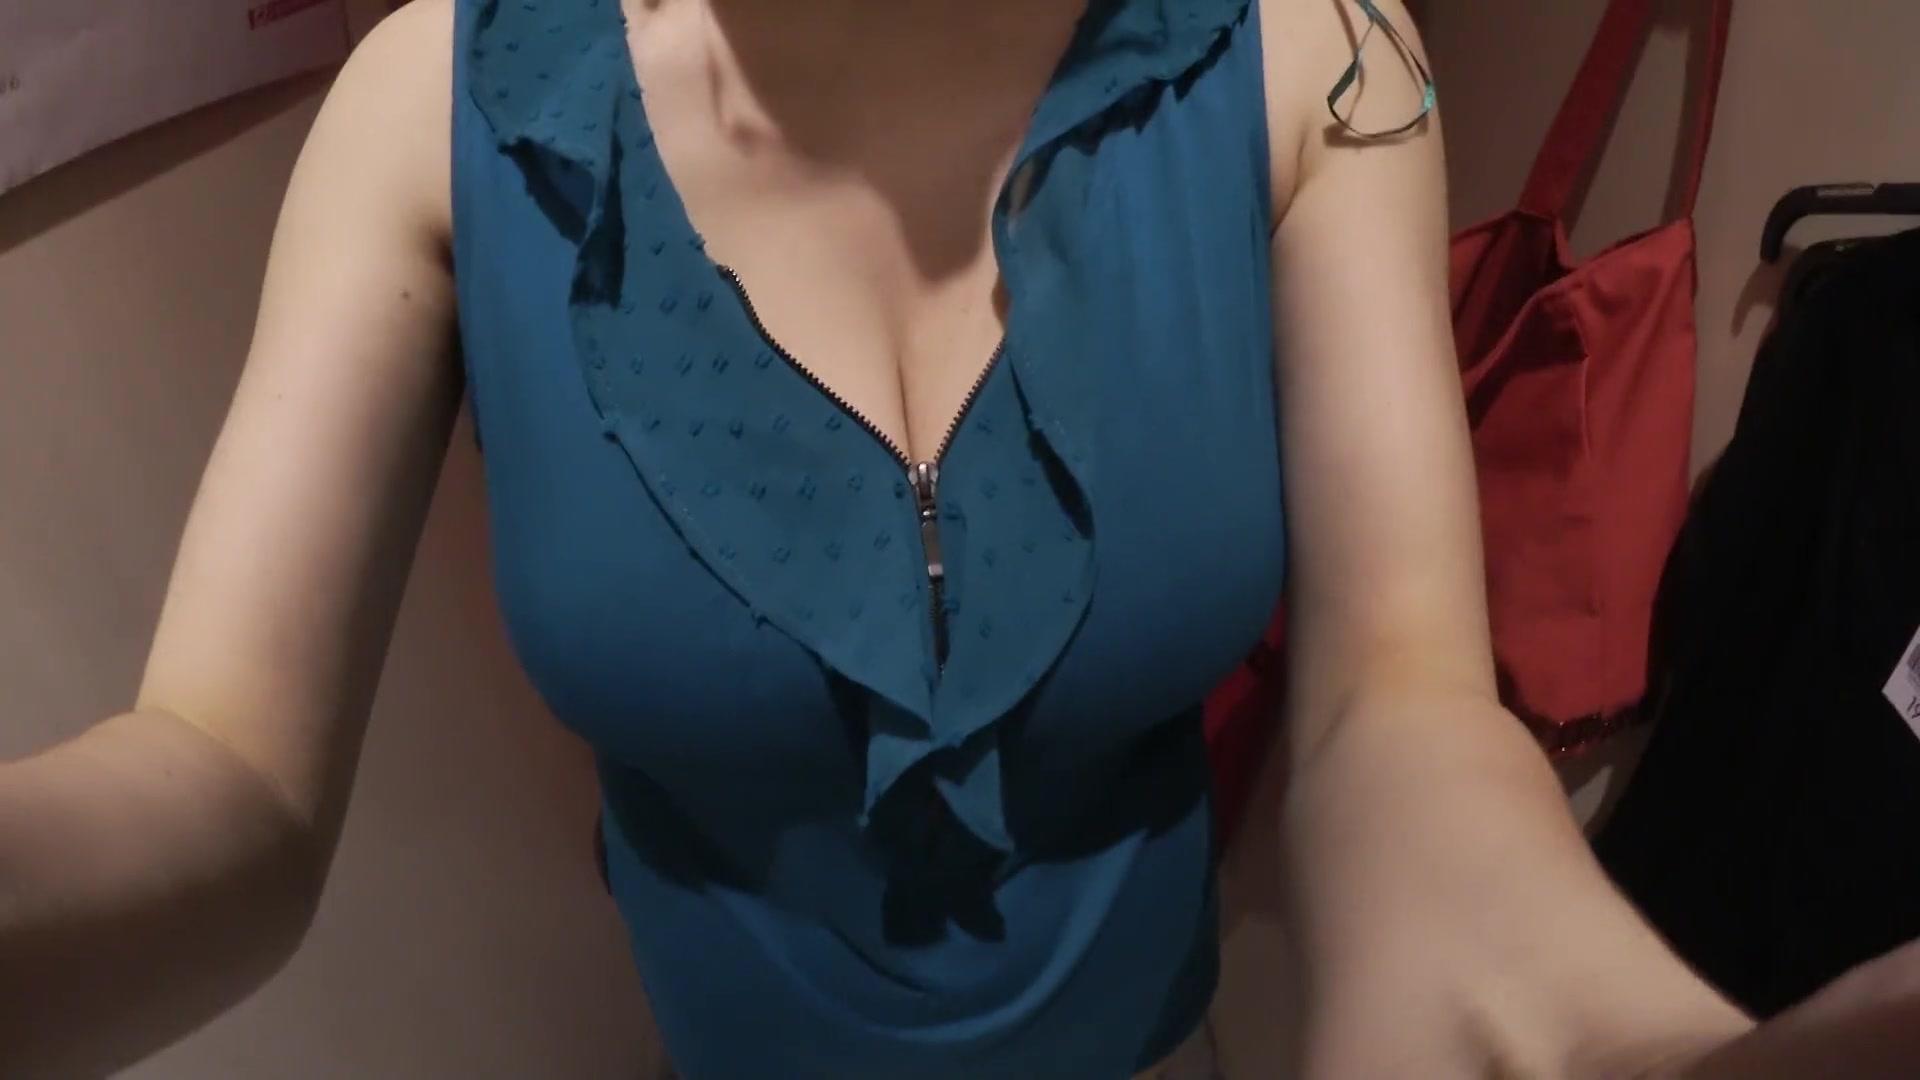 Разврат в скайпе, Виртуальный секс по скайпу, секс вирт по скайпу 9 фотография